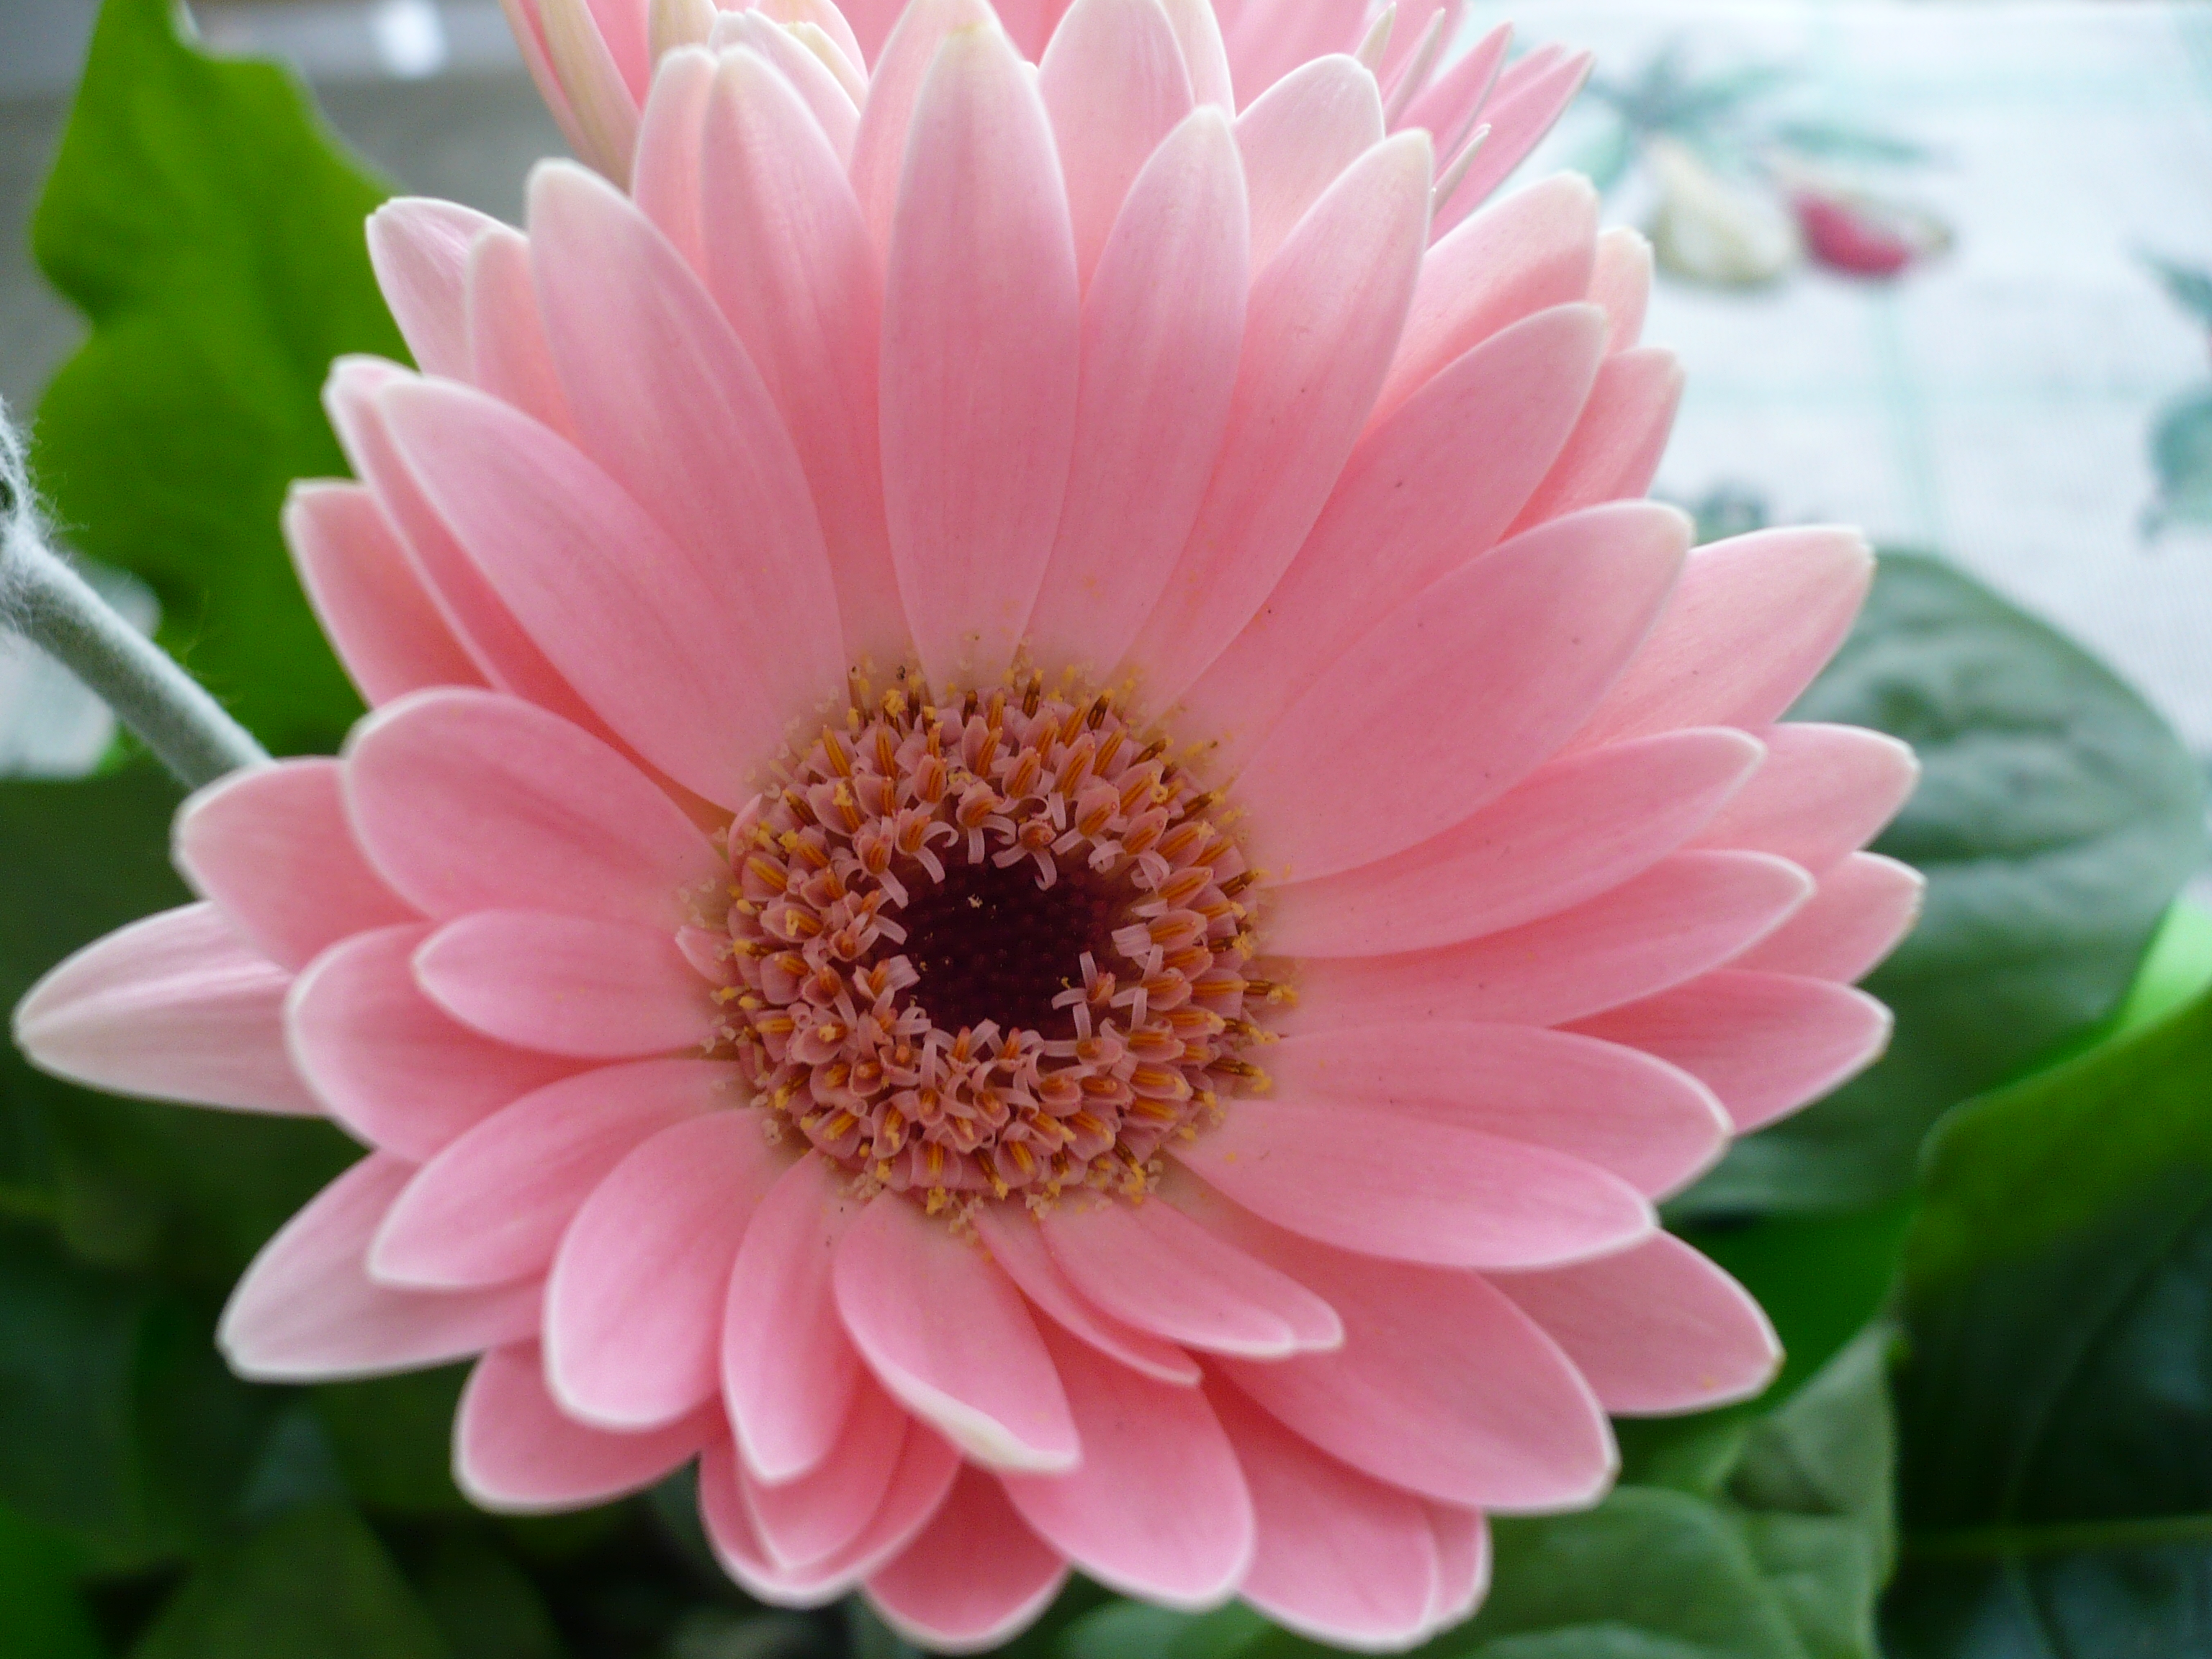 Background wallpaper wallpaper downloads Pink Flower 3072x2304